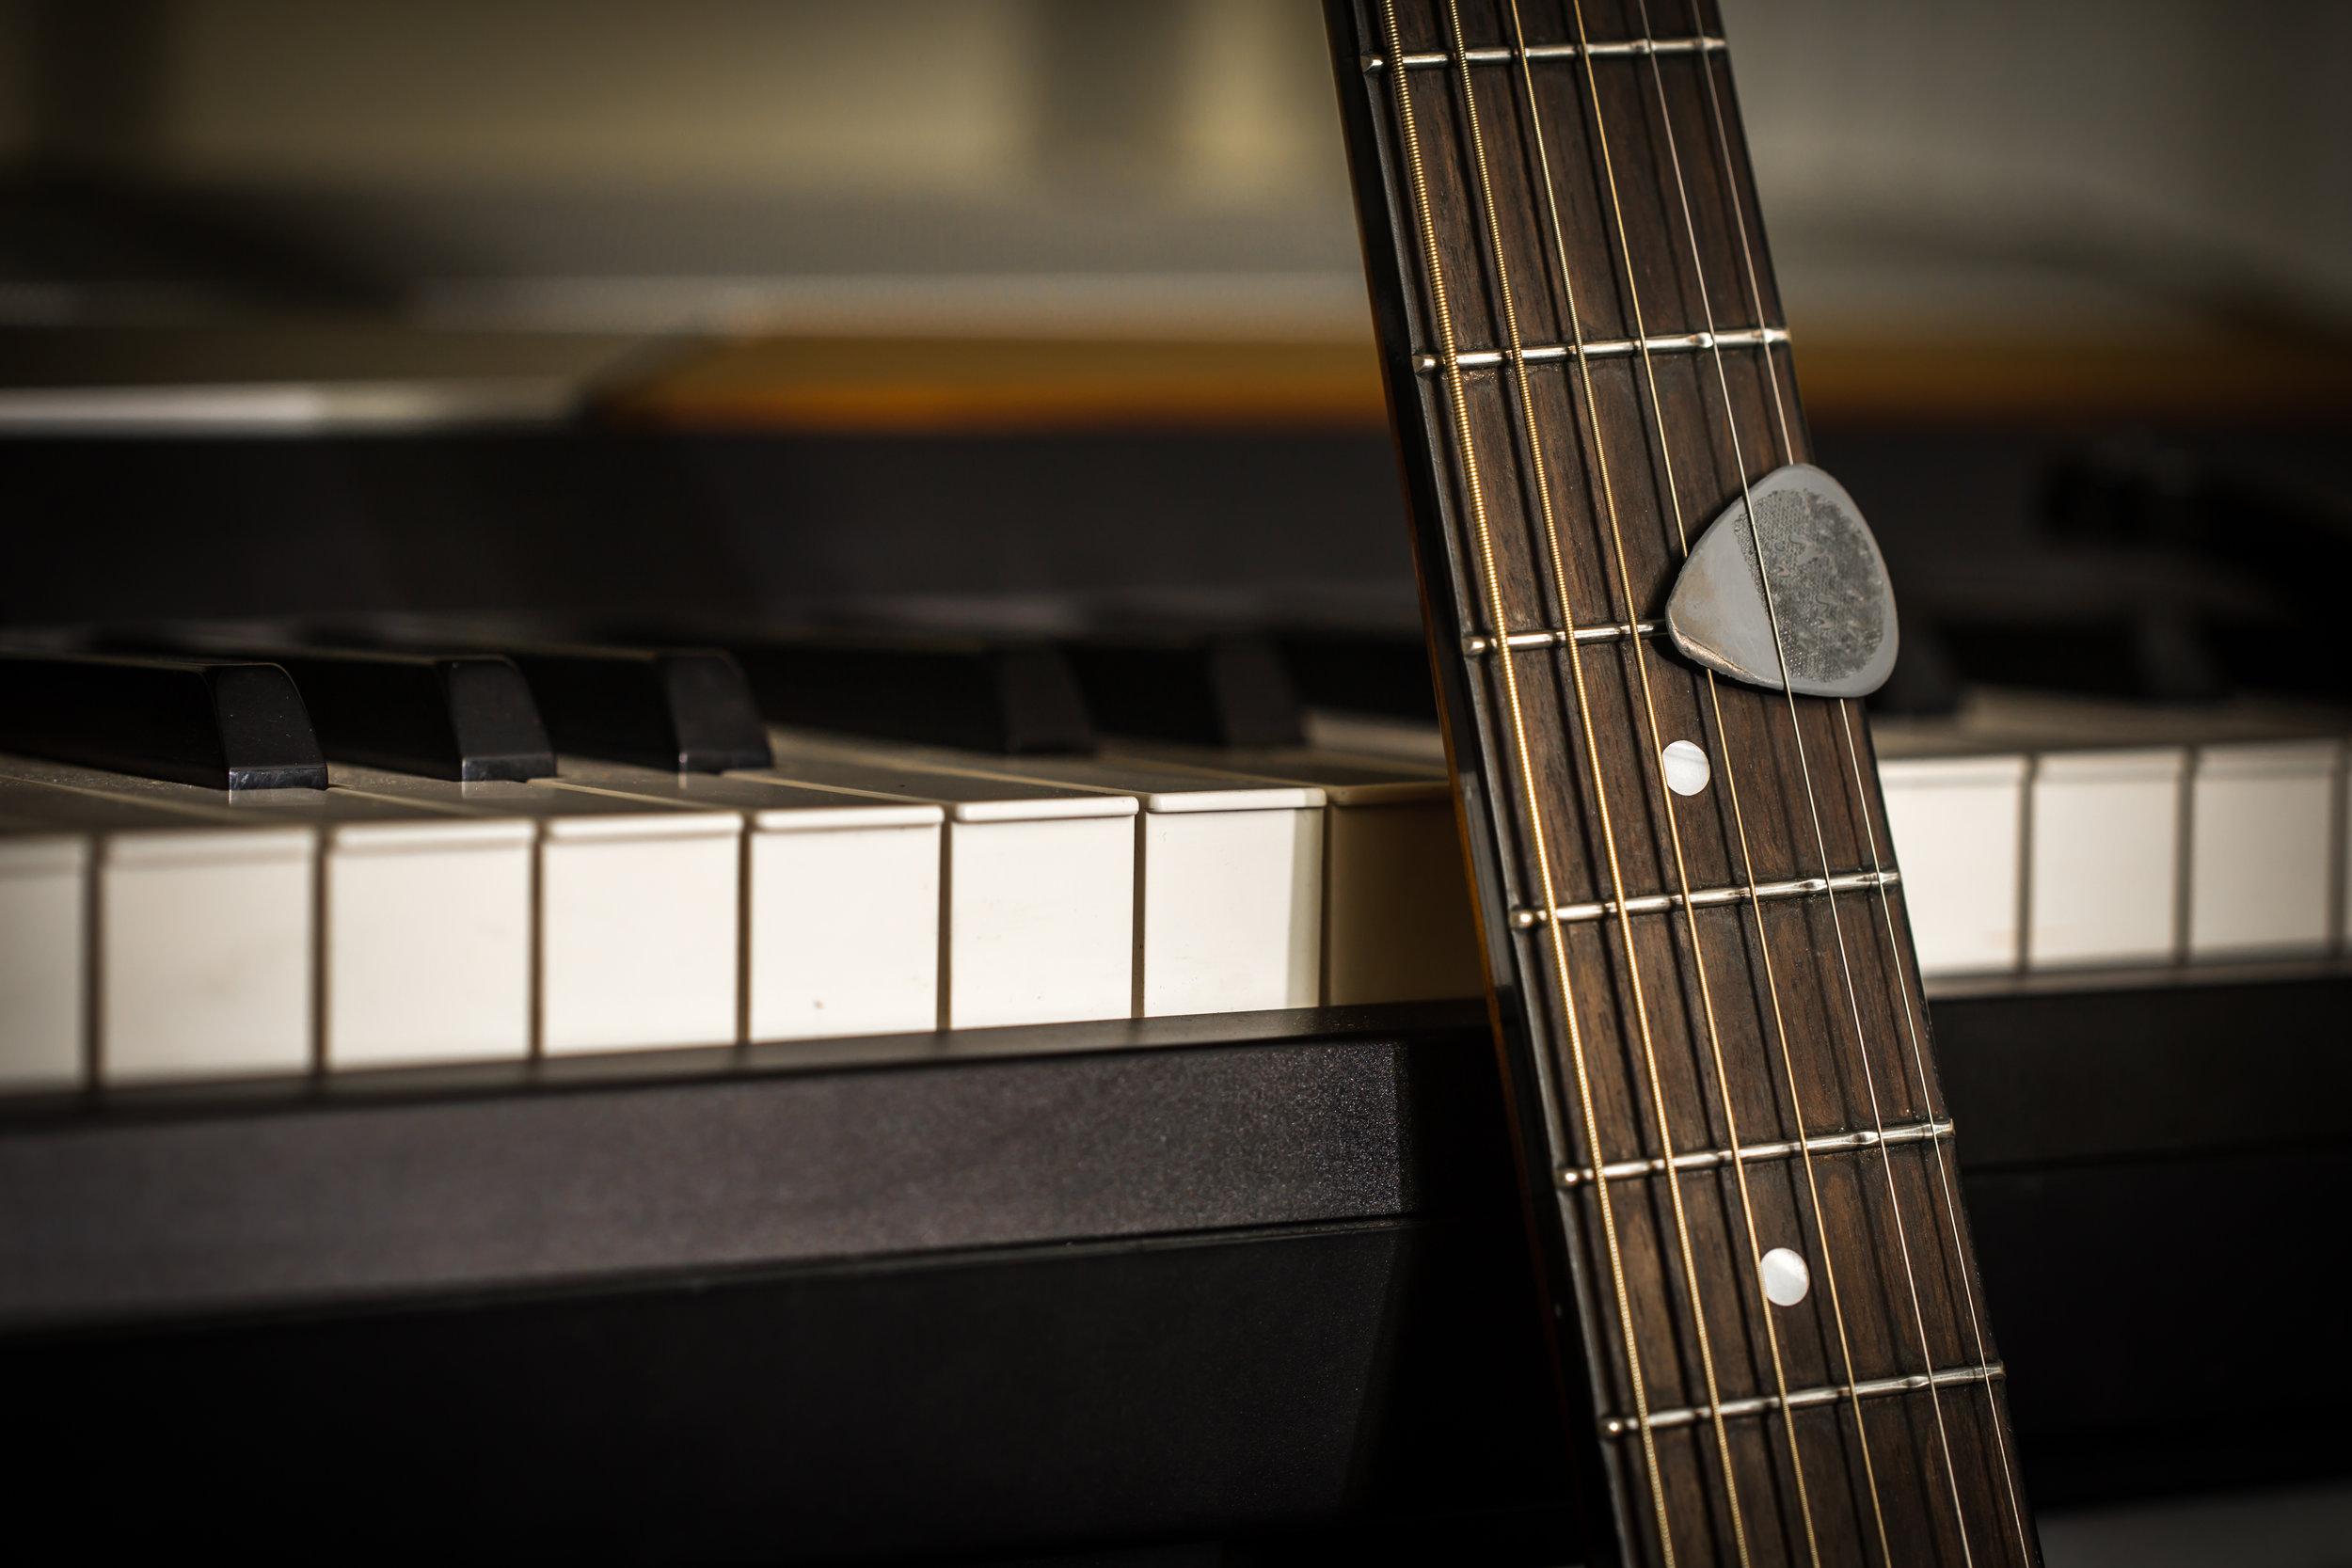 Produção Intimista - A sua música será produzida em estúdio, formato acústico (voz e violão) ou (voz e piano). Esse tipo de produção leva menos tempo e utiliza um número menor de instrumentos e profissionais envolvidos, acarretando em menor custo.